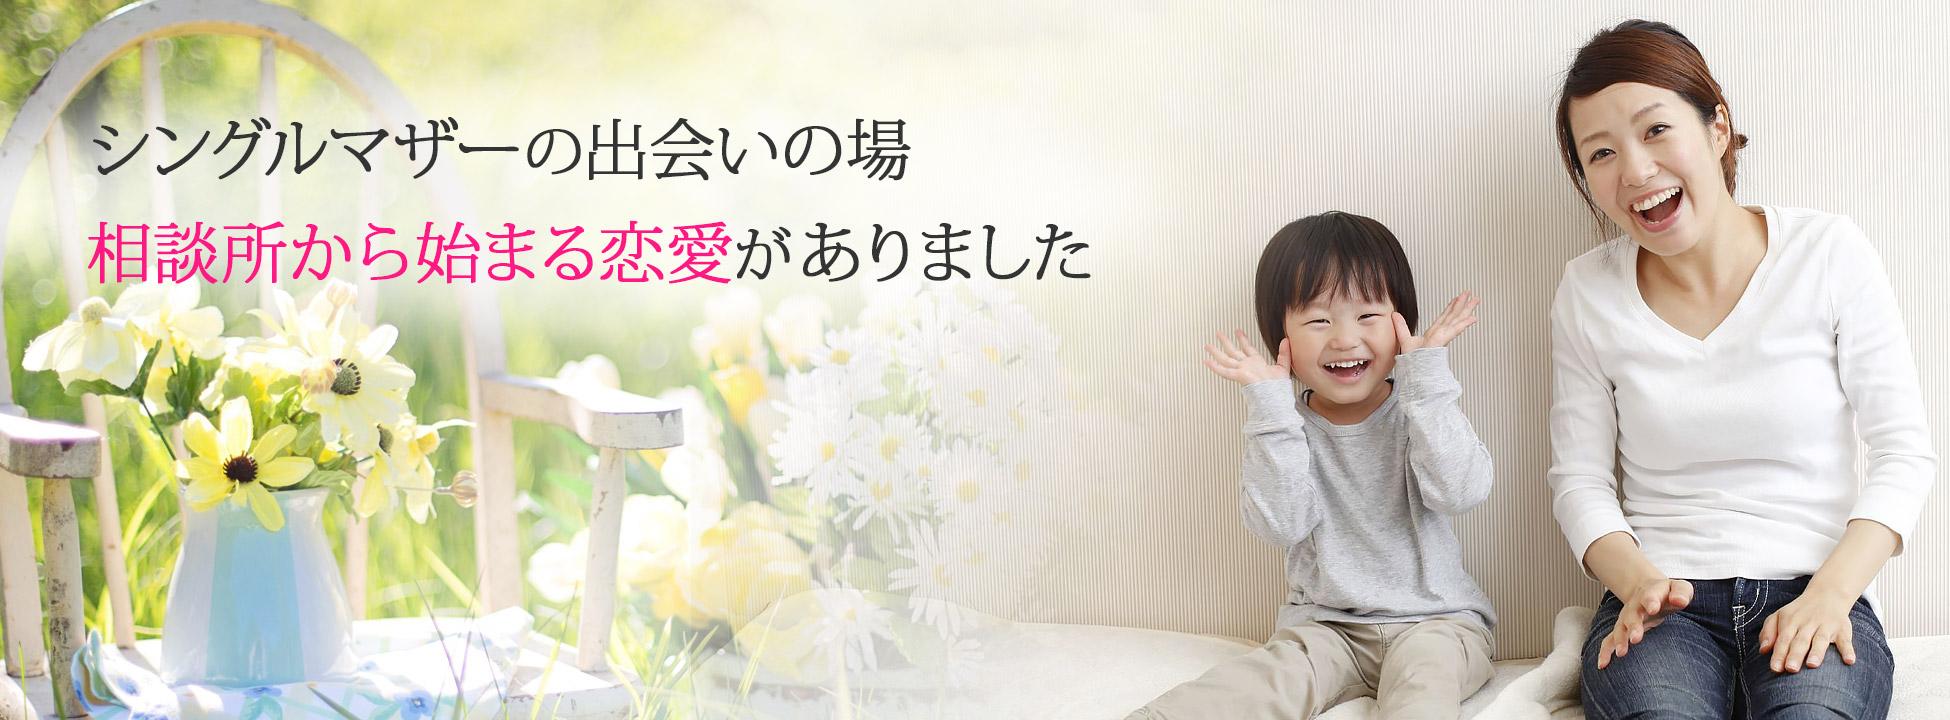 シングルマザー 結婚相談所 福岡